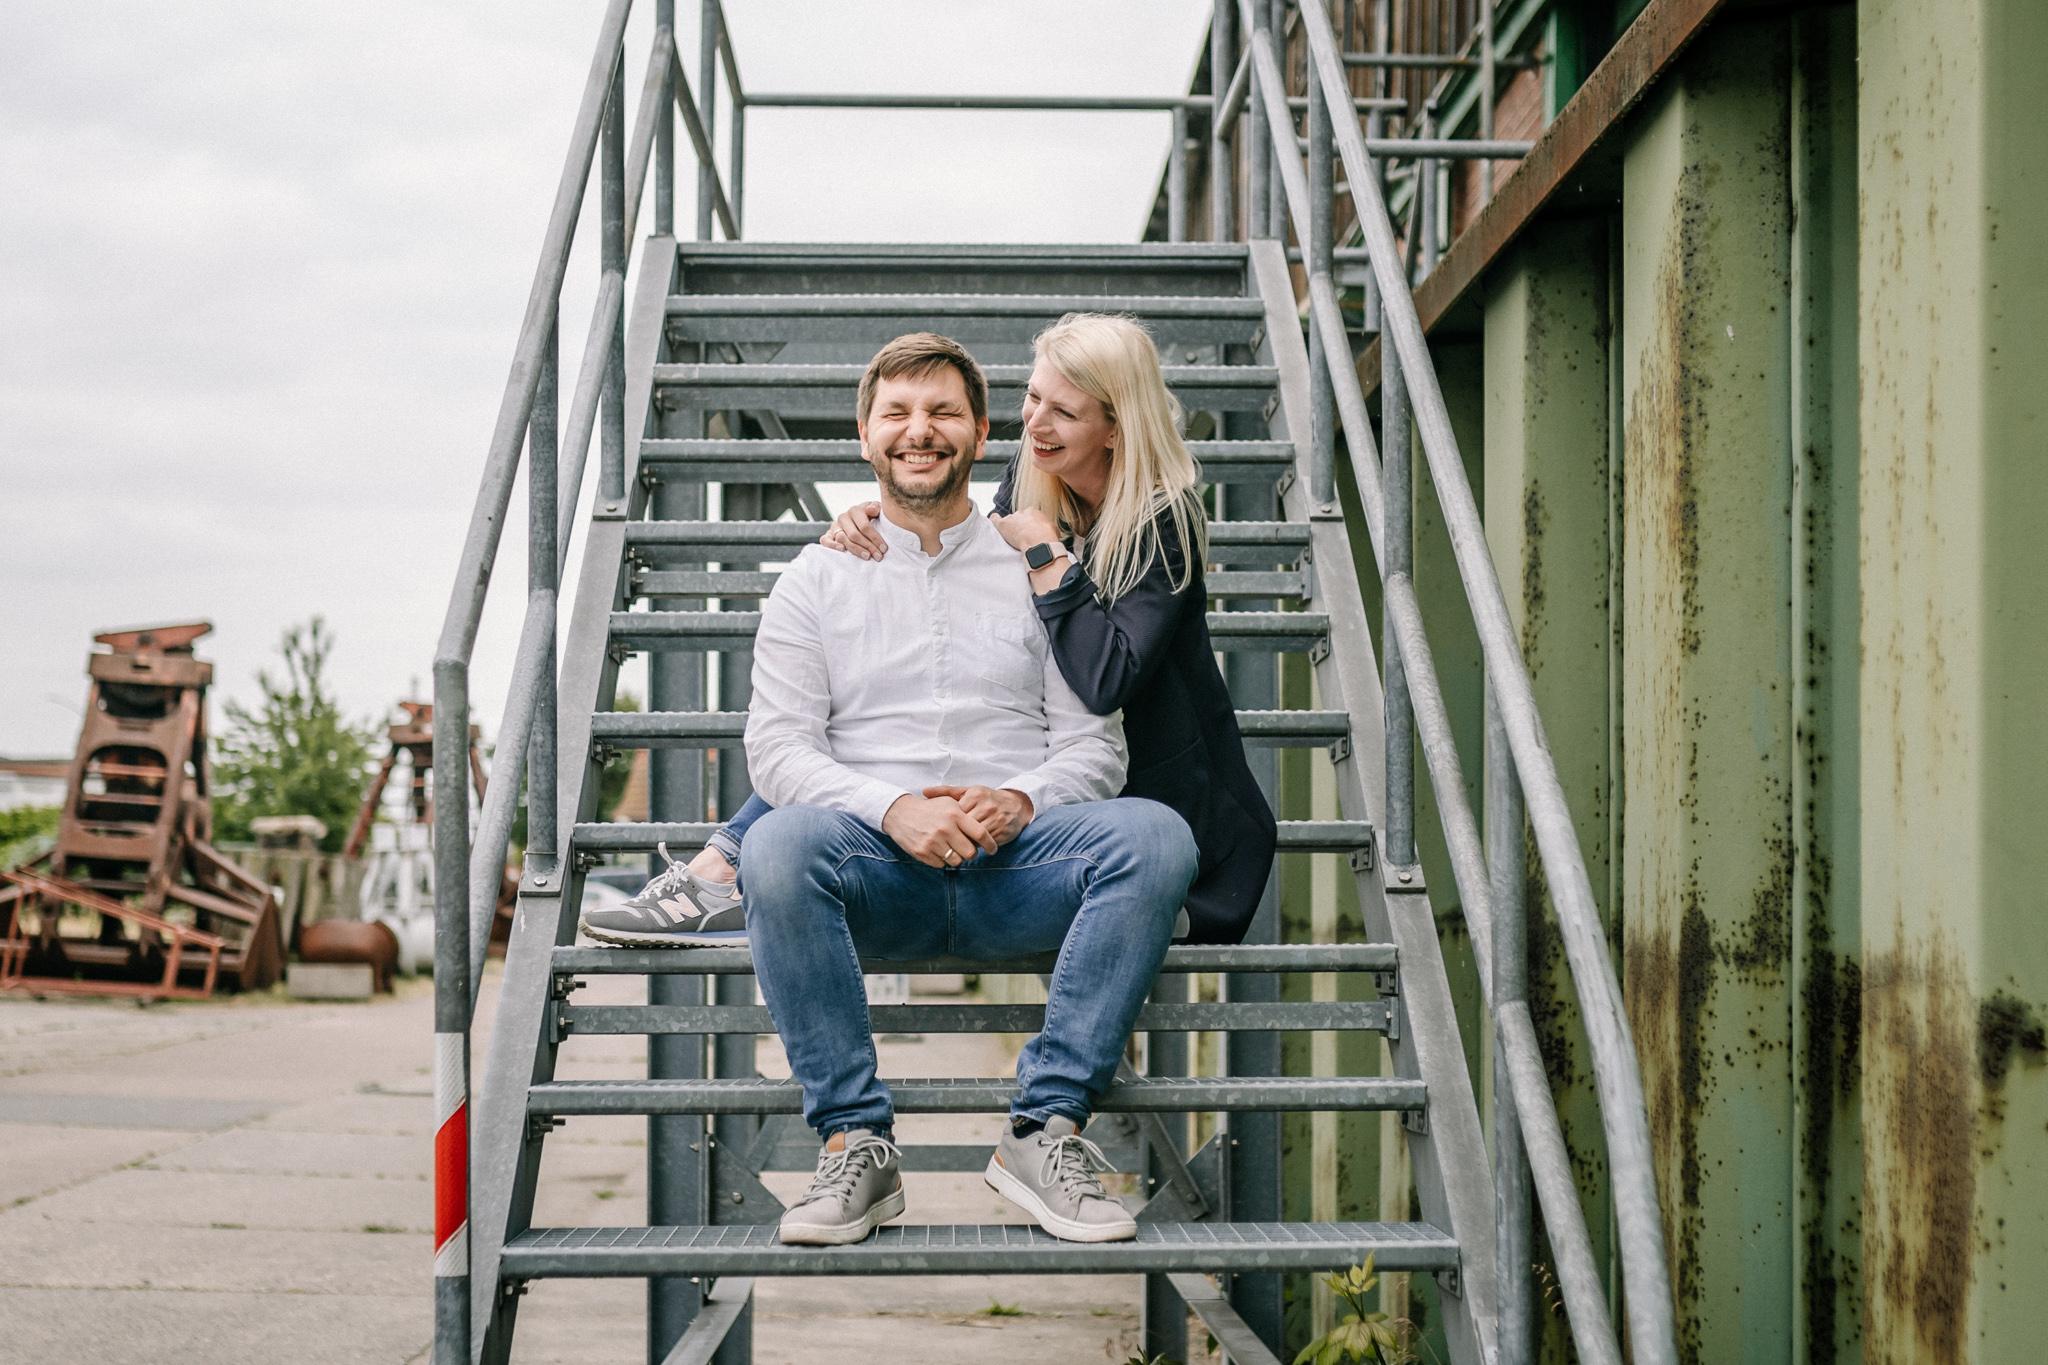 Hochzeitsfotograf, Sven Schomburg Hochzeitsfotografie, Coupleshooting, Brautpaar, Hochzeitspaar, Hamburg, Peking, Hafenmuseum Hamburg, Hochzeitstag, wahre Momente-9